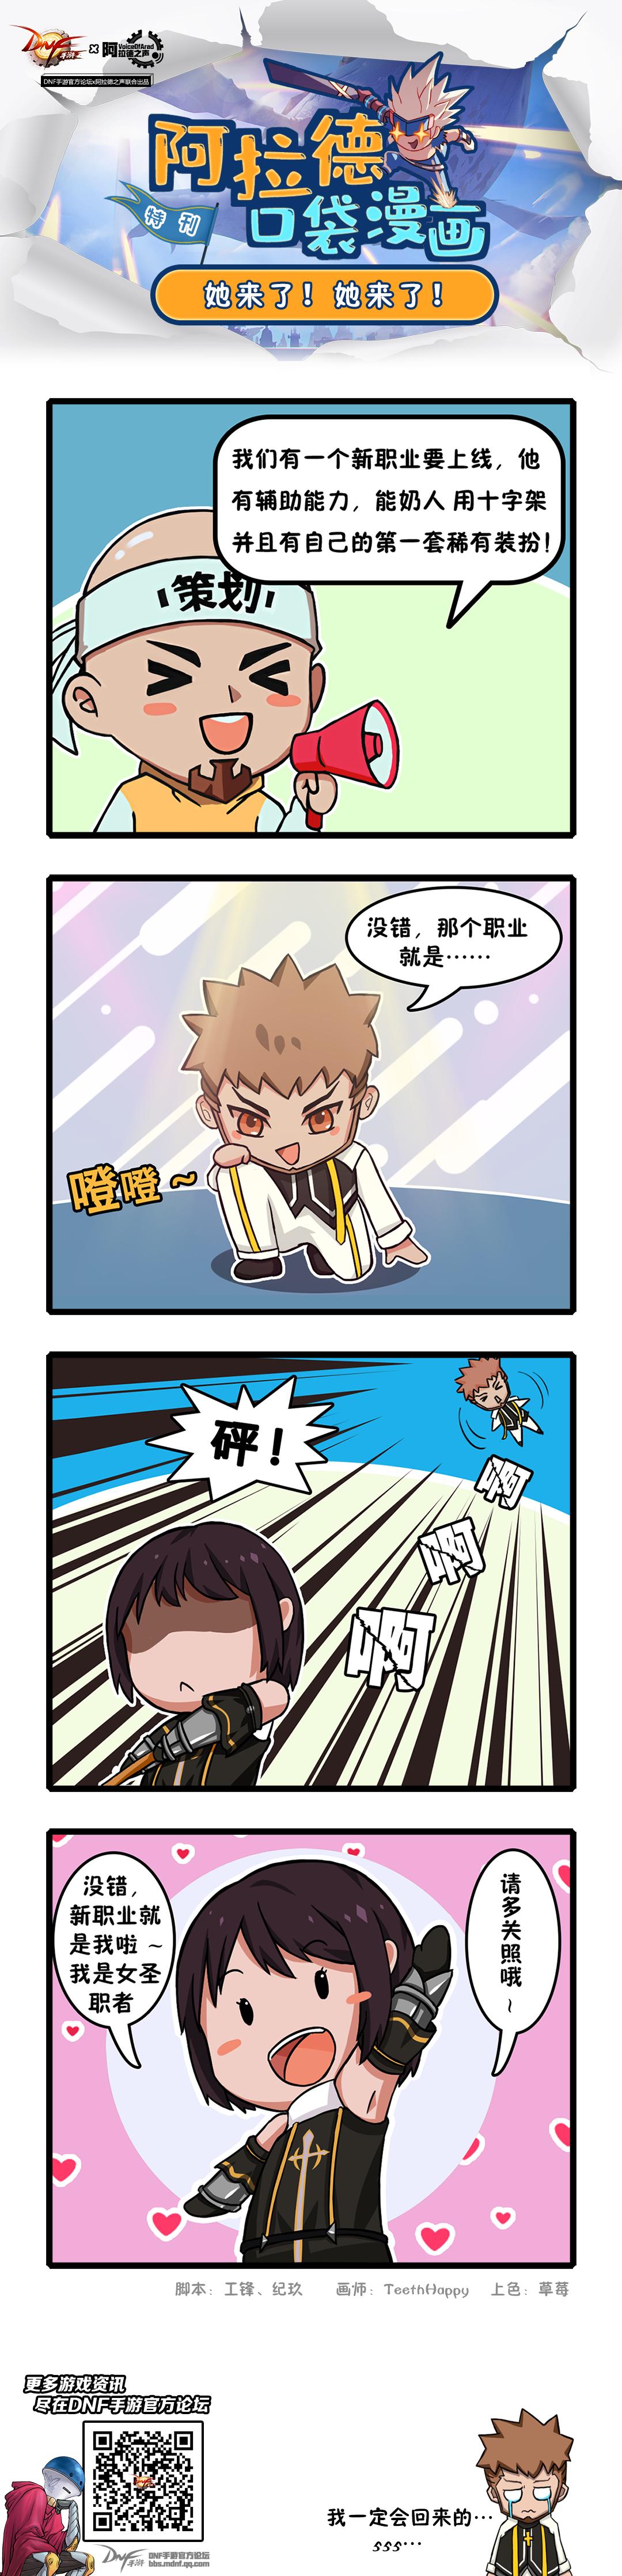 阿拉德口袋漫画01.png